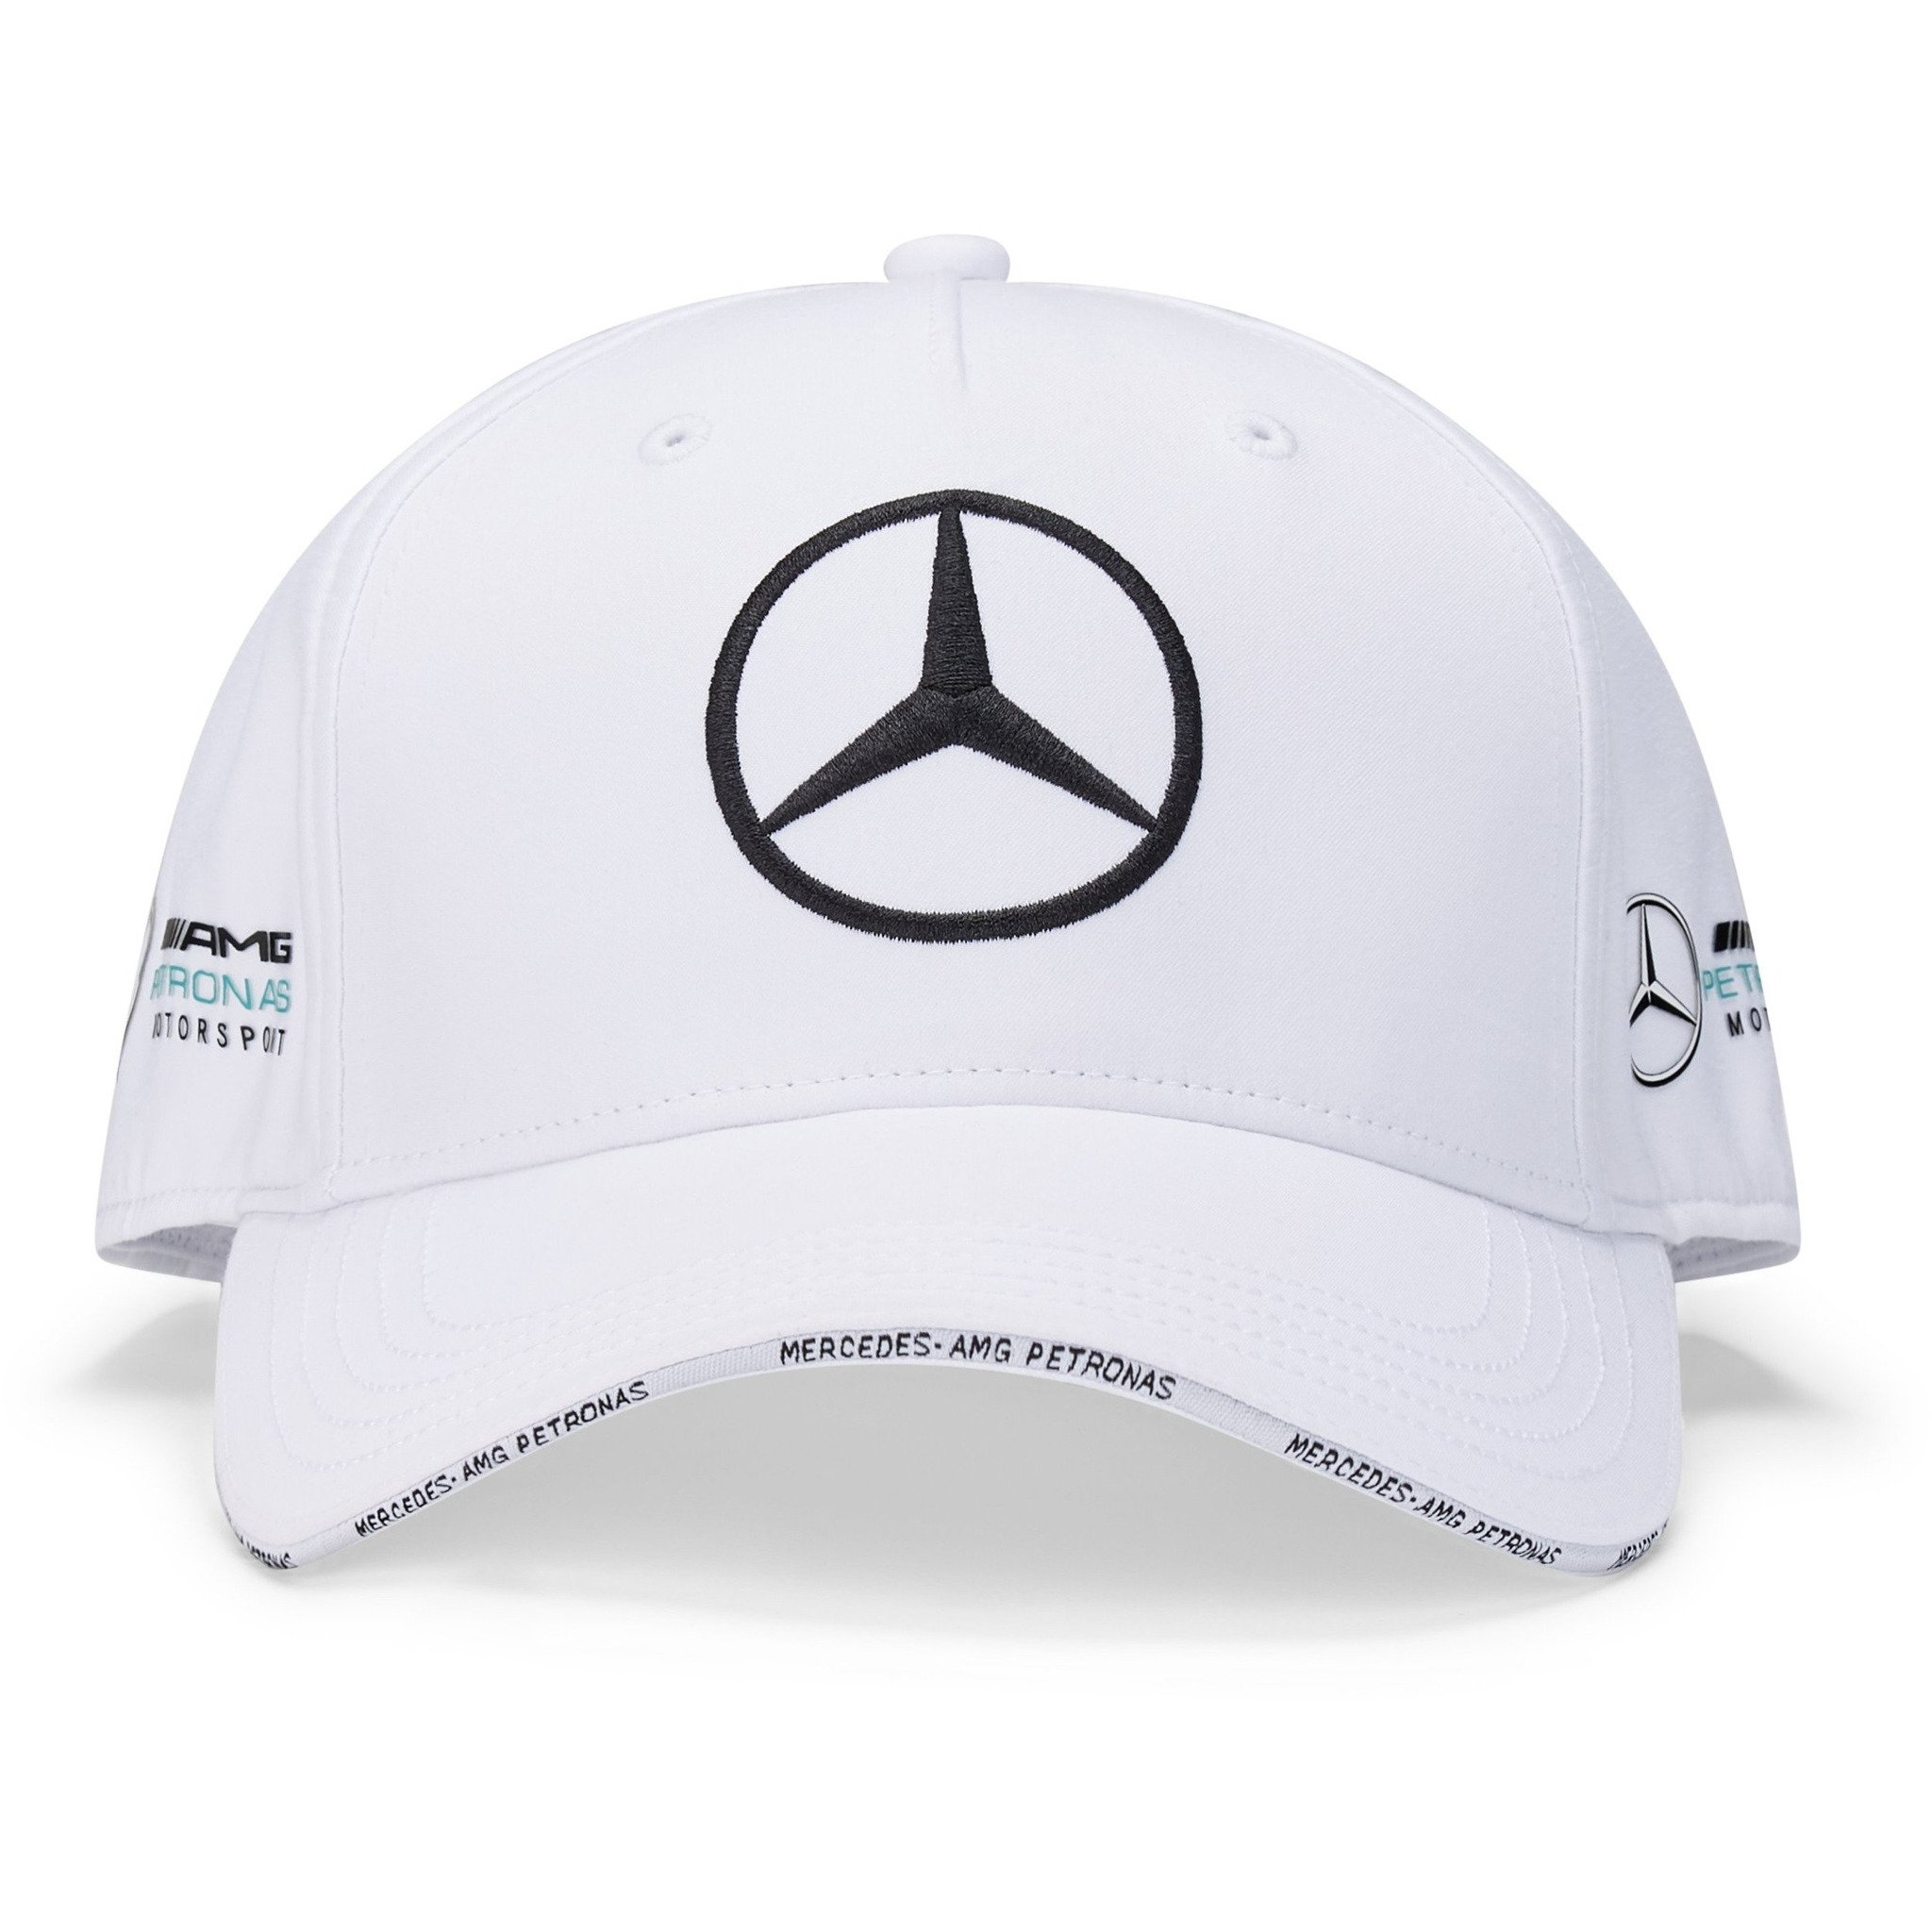 MercedesAMG Team cap 2021